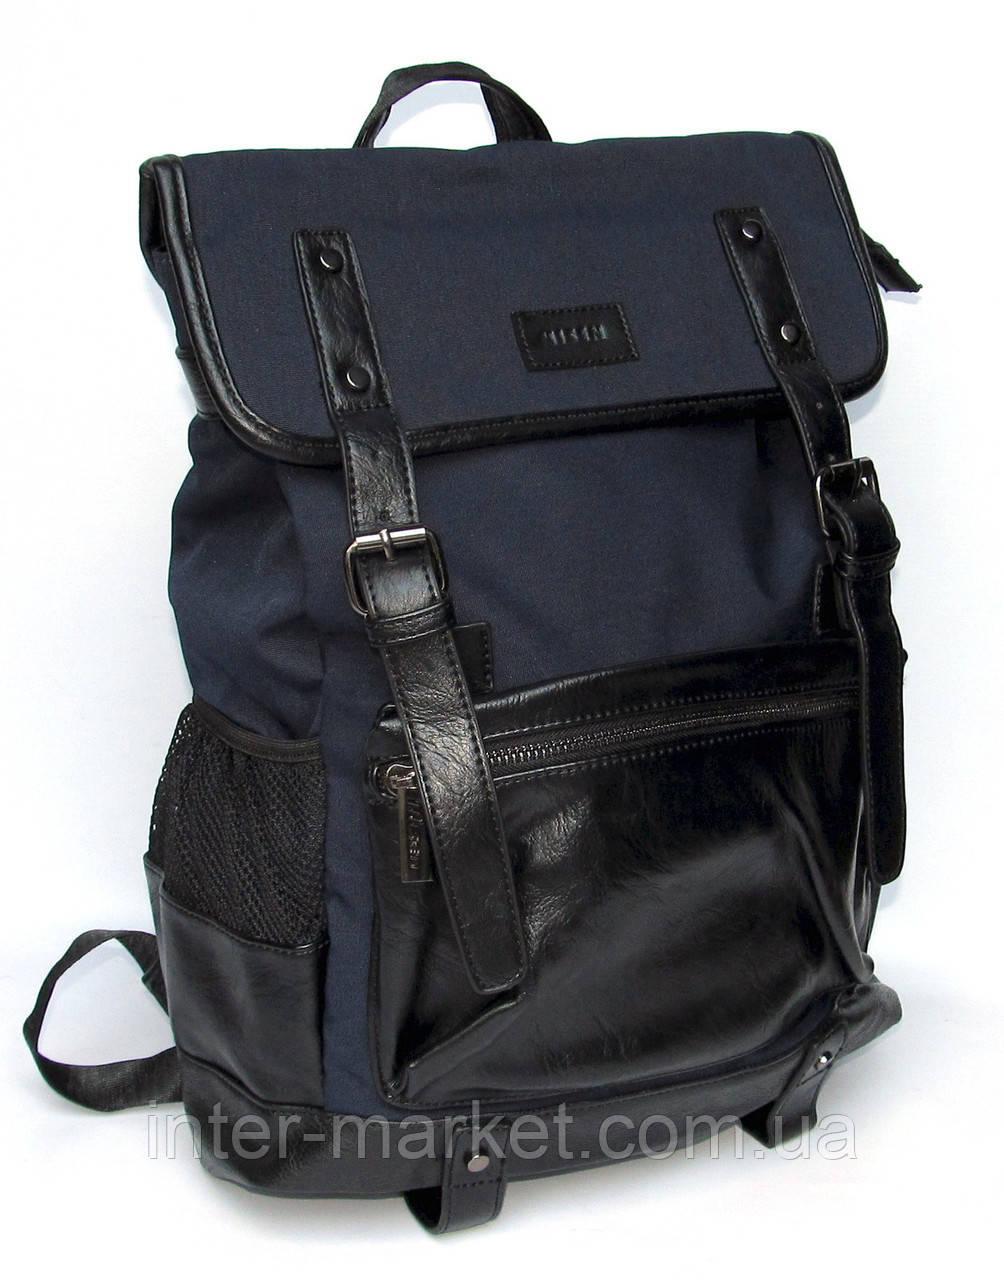 Купить рюкзак на каждый день в интернет магазине рюкзак миннесота